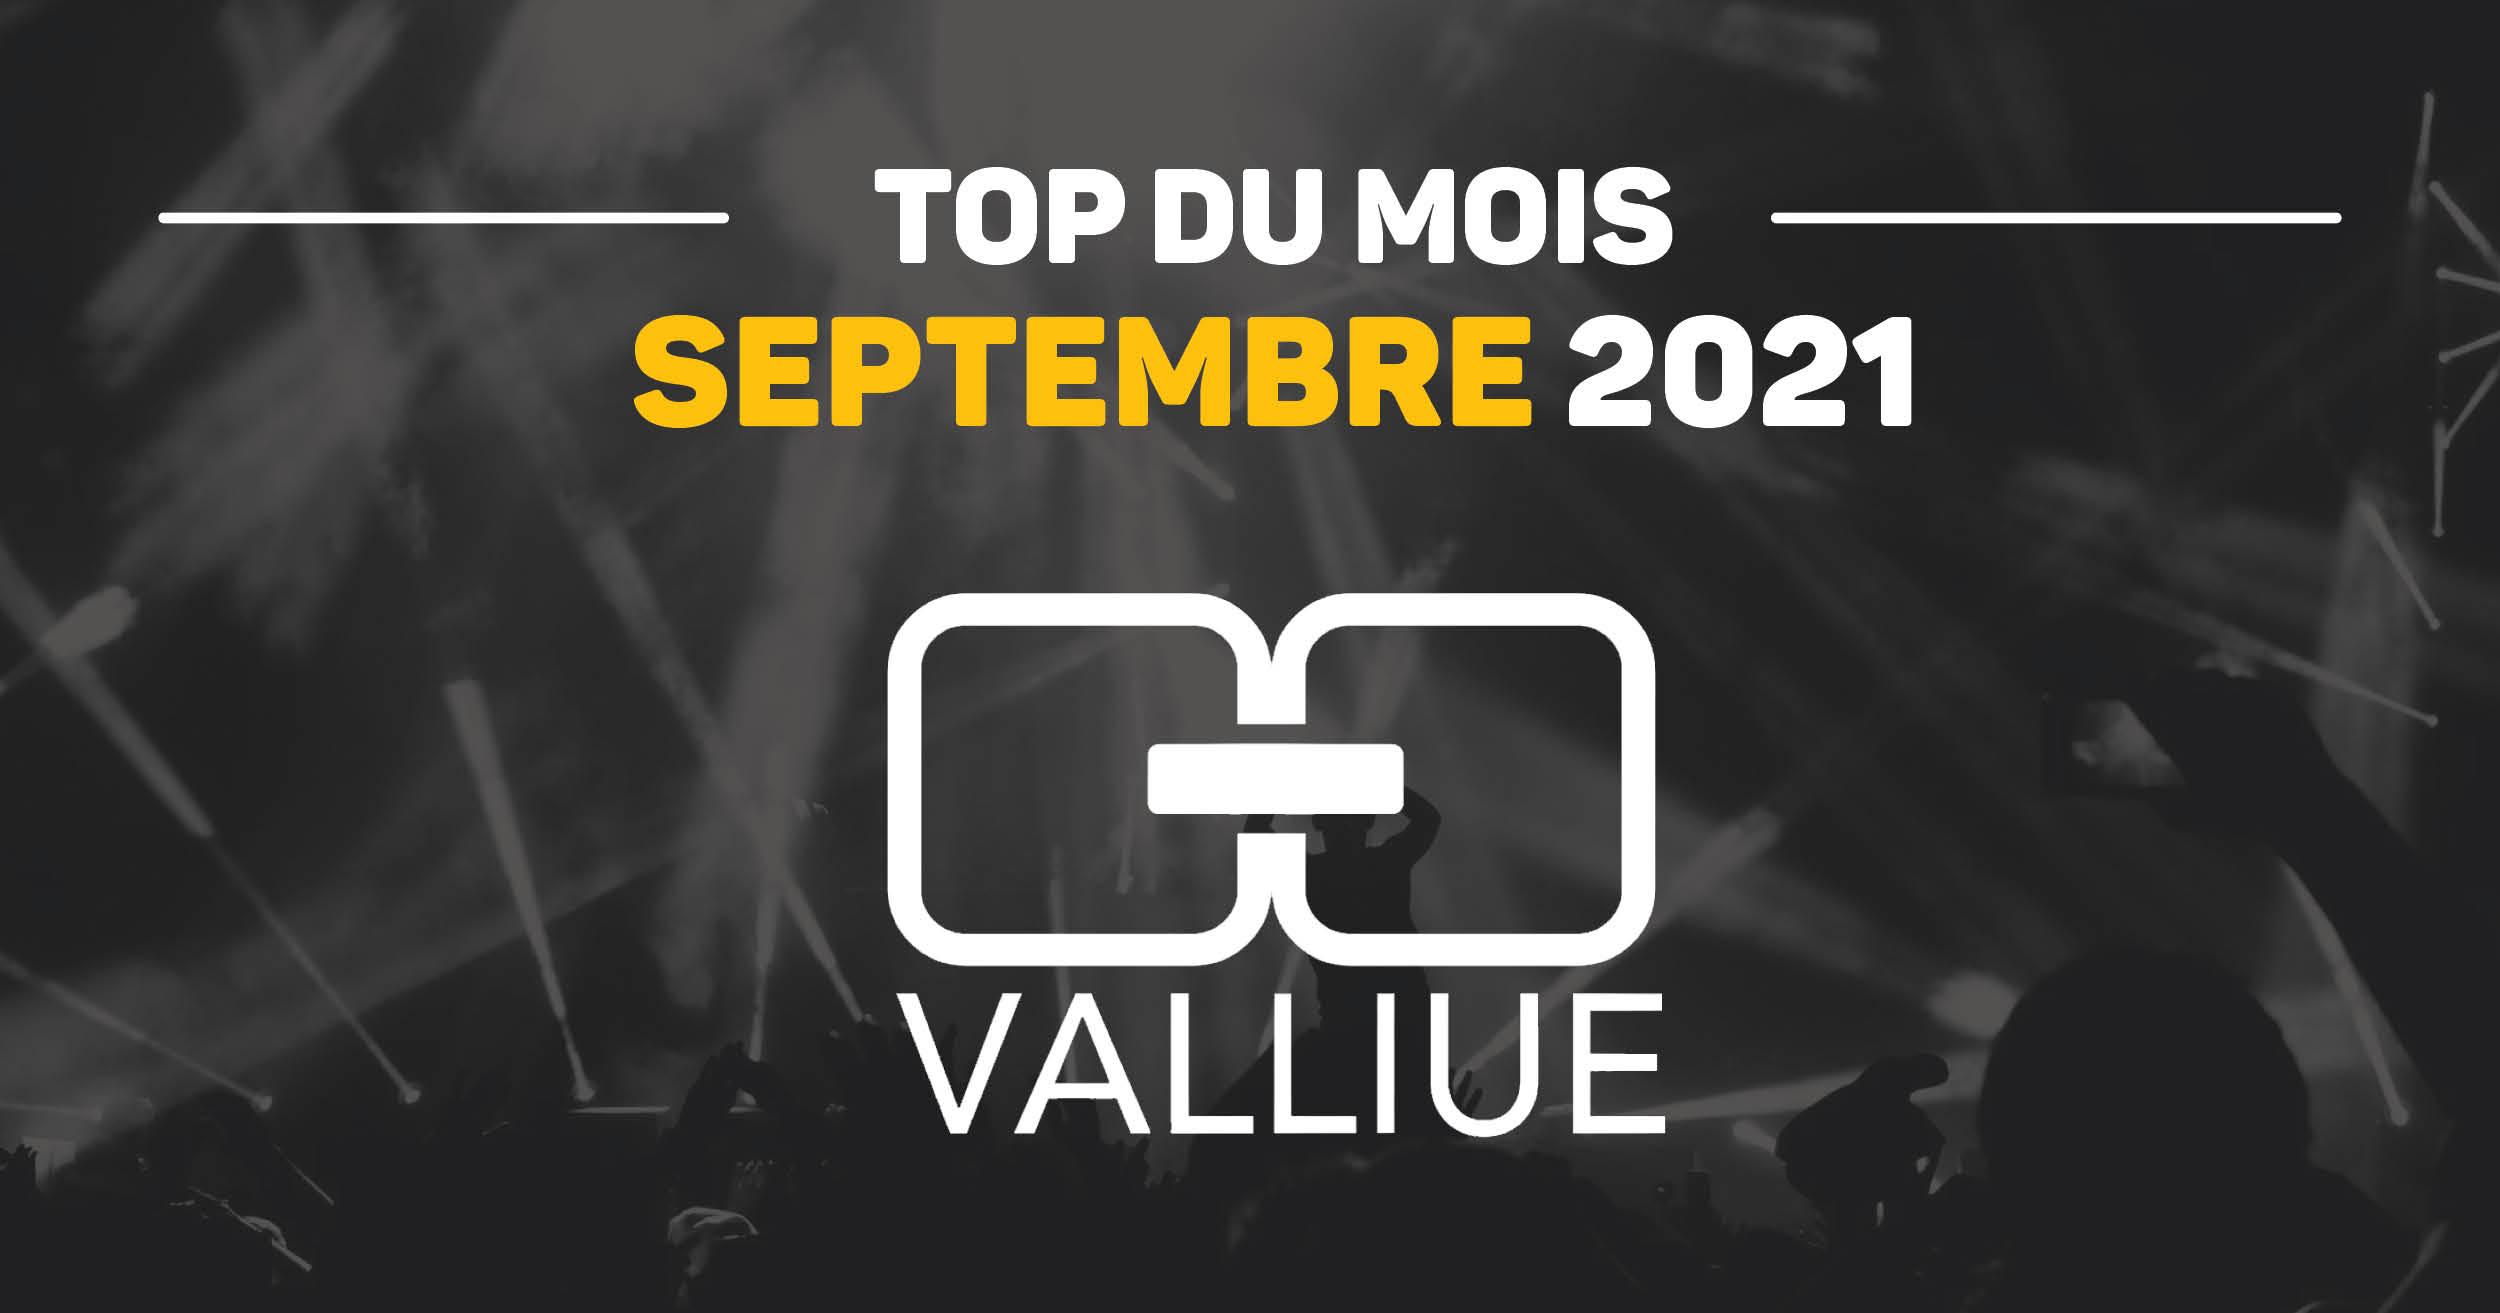 top-du-mois-valliue_septembre21_facebook